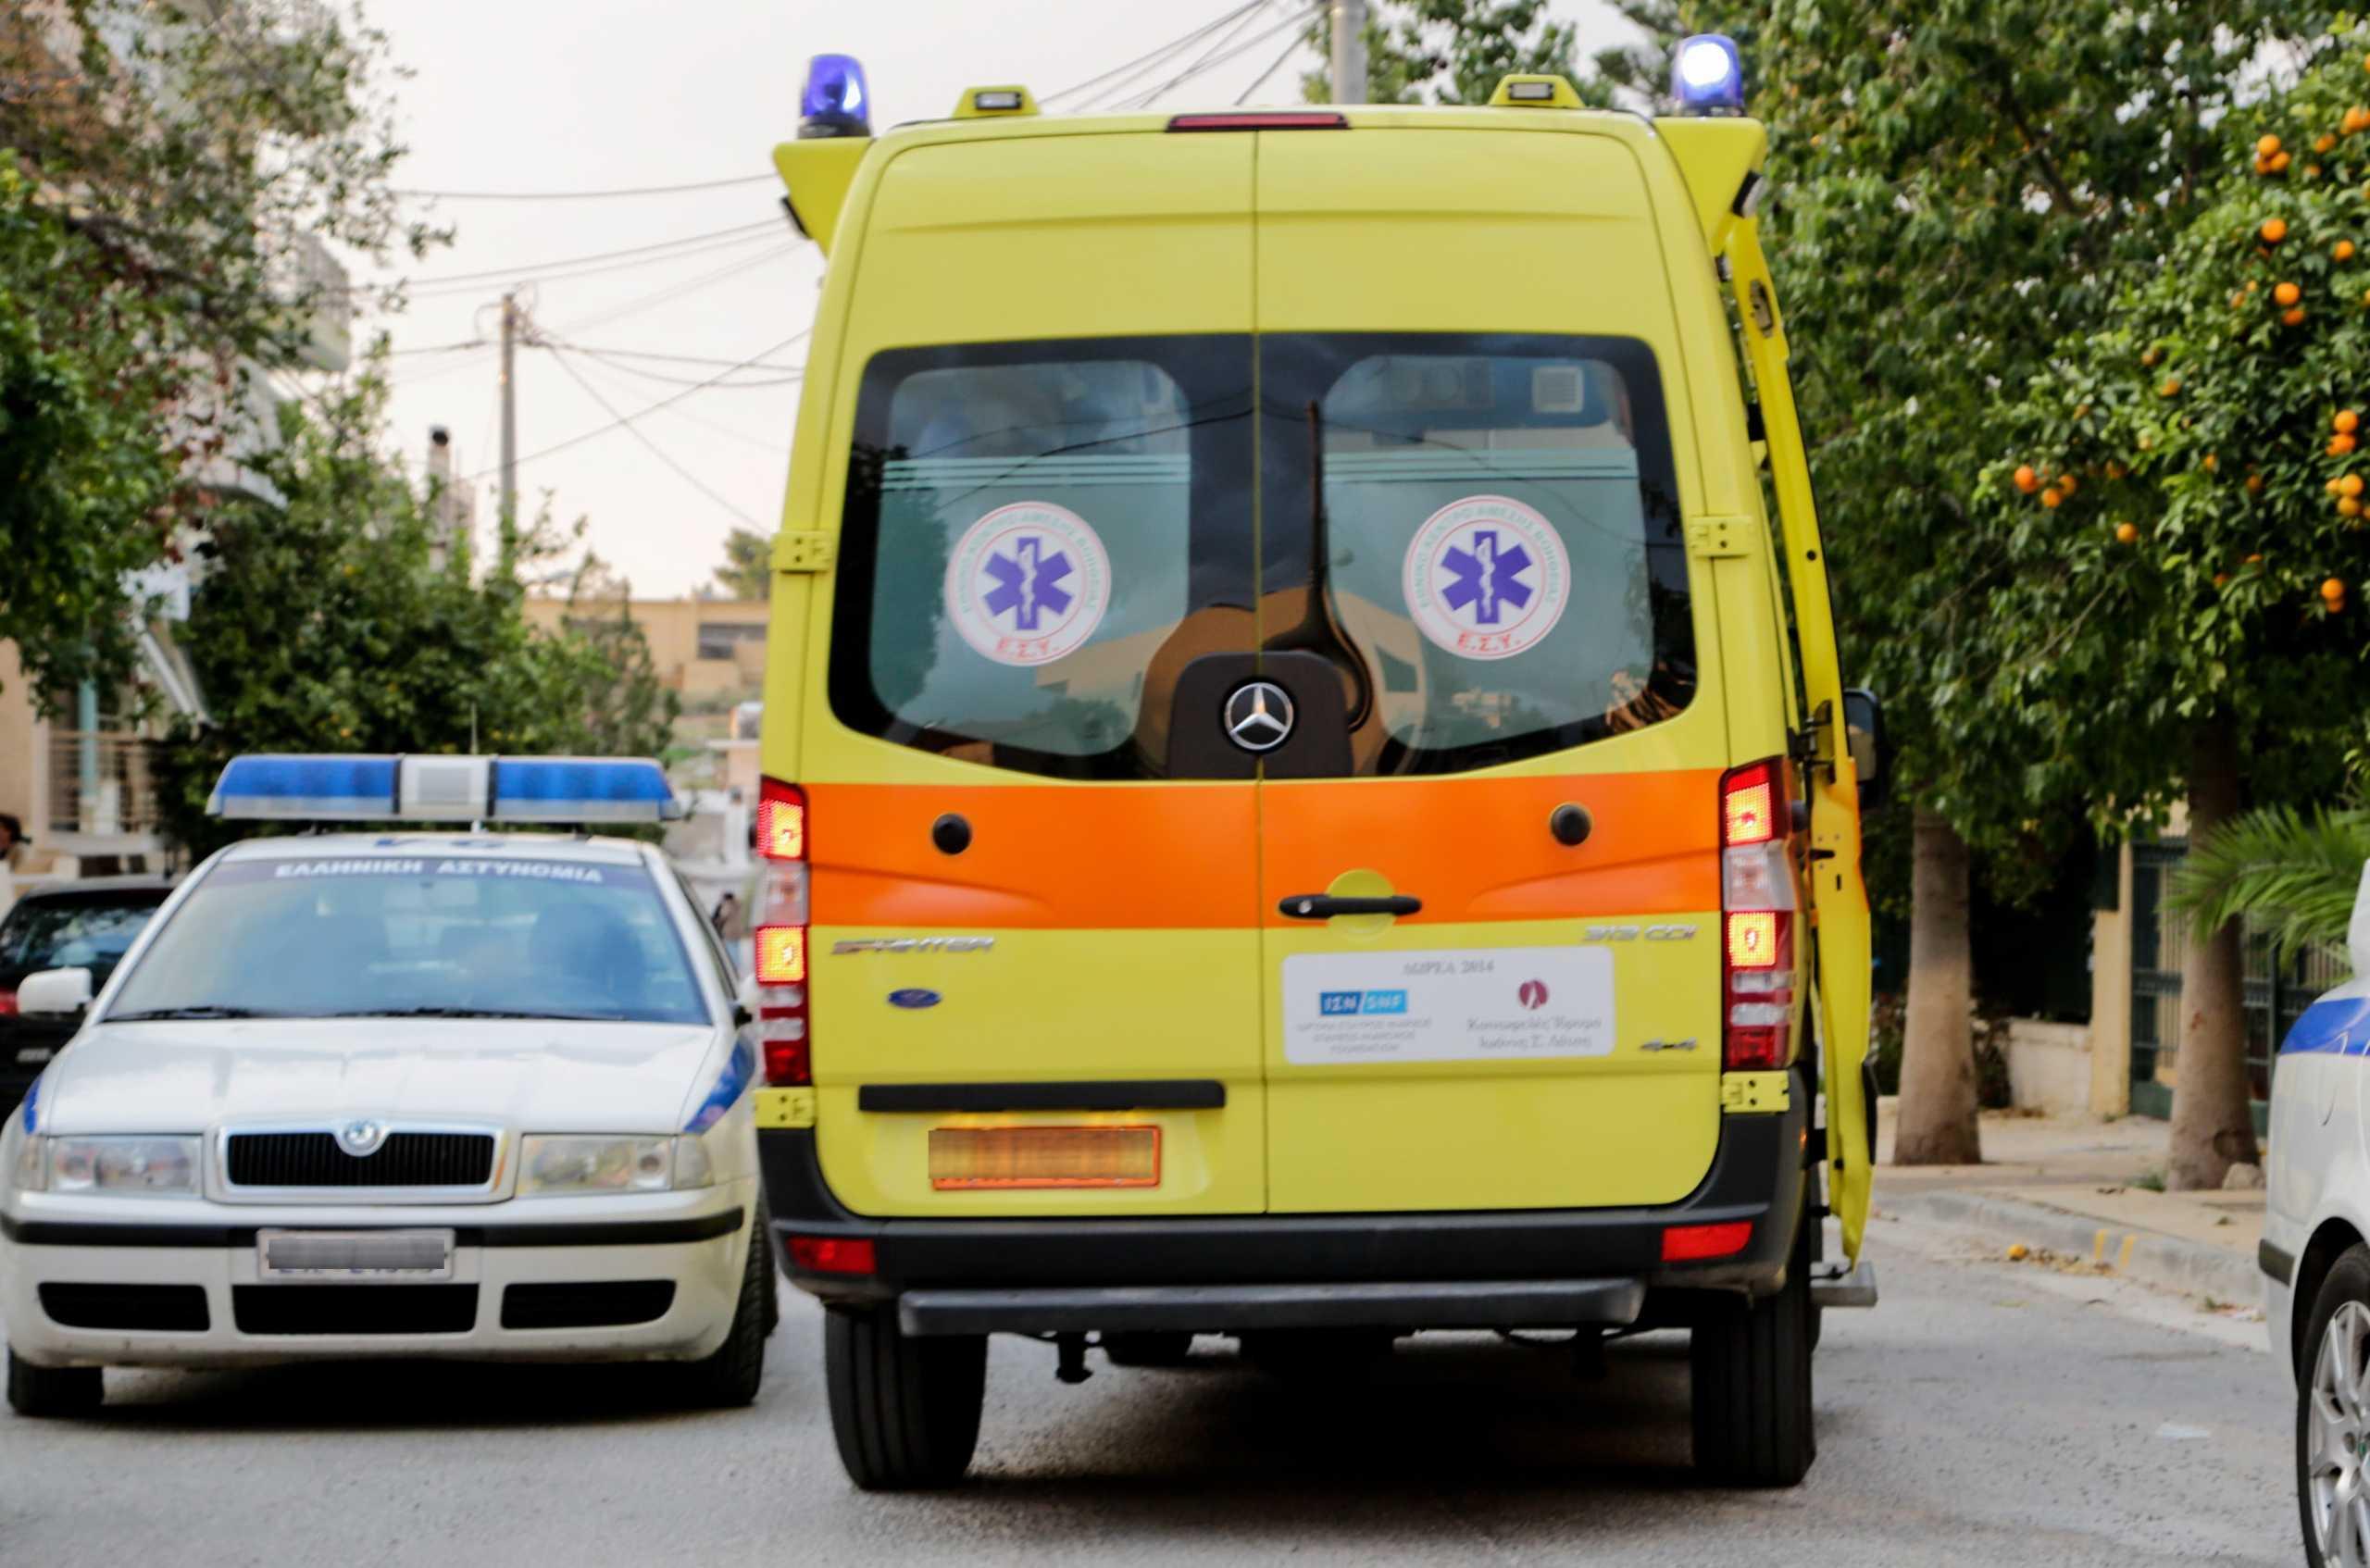 Τρίκαλα: Τρεις γιατροί του νοσοκομείου θετικοί στον κορονοϊό